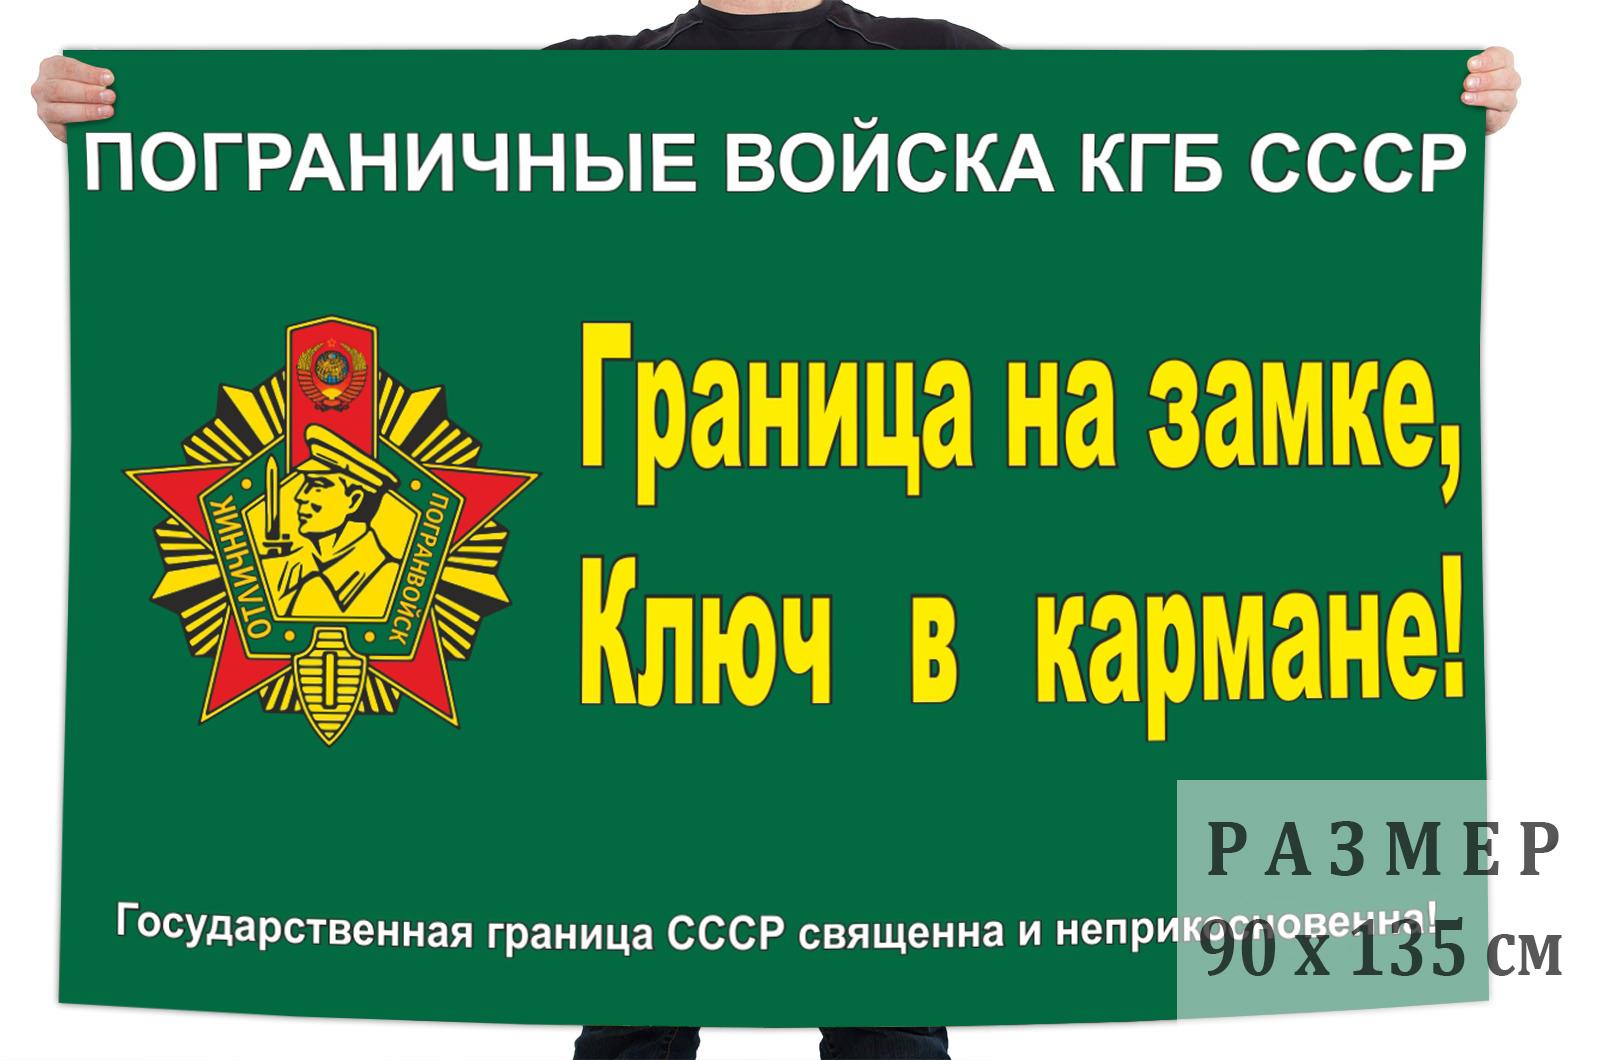 Заказать флаг Погранвойск КГБ СССР онлайн